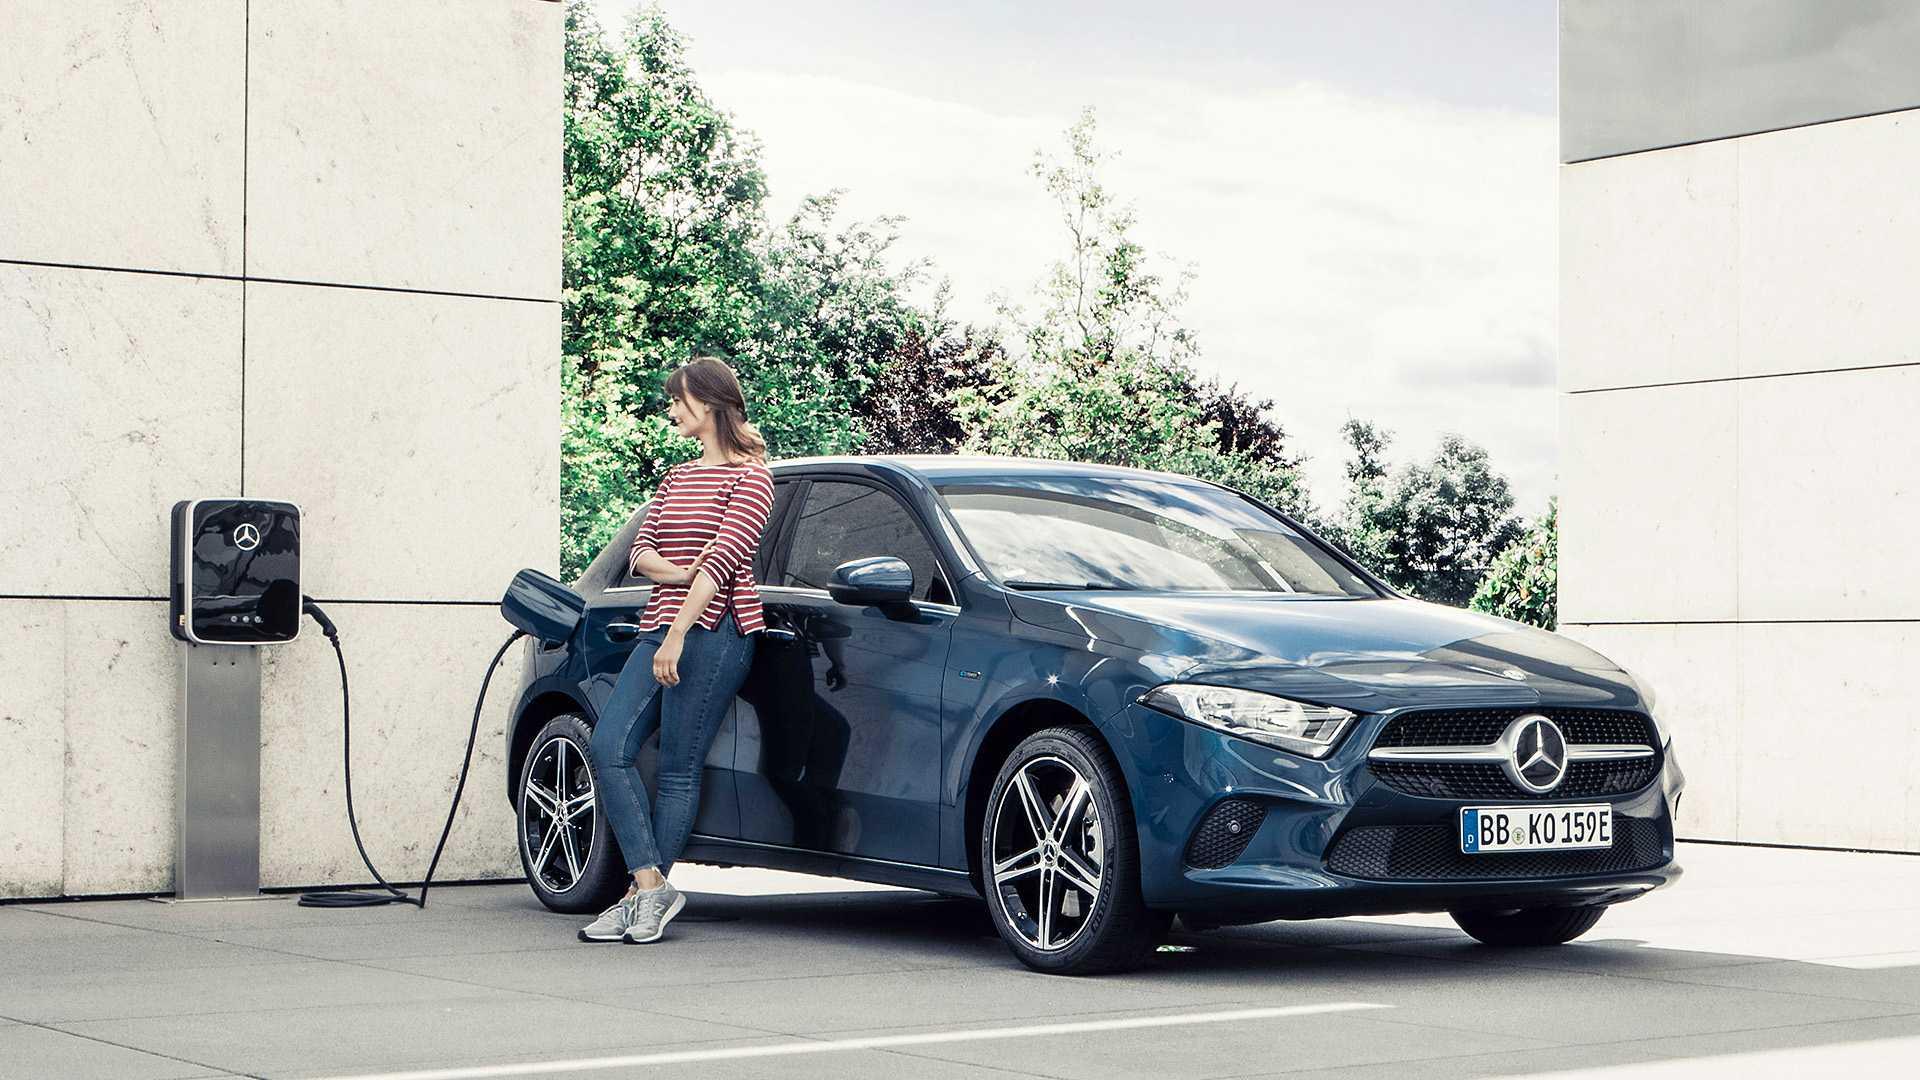 Mercedes Classe A Plug-in Hybrid